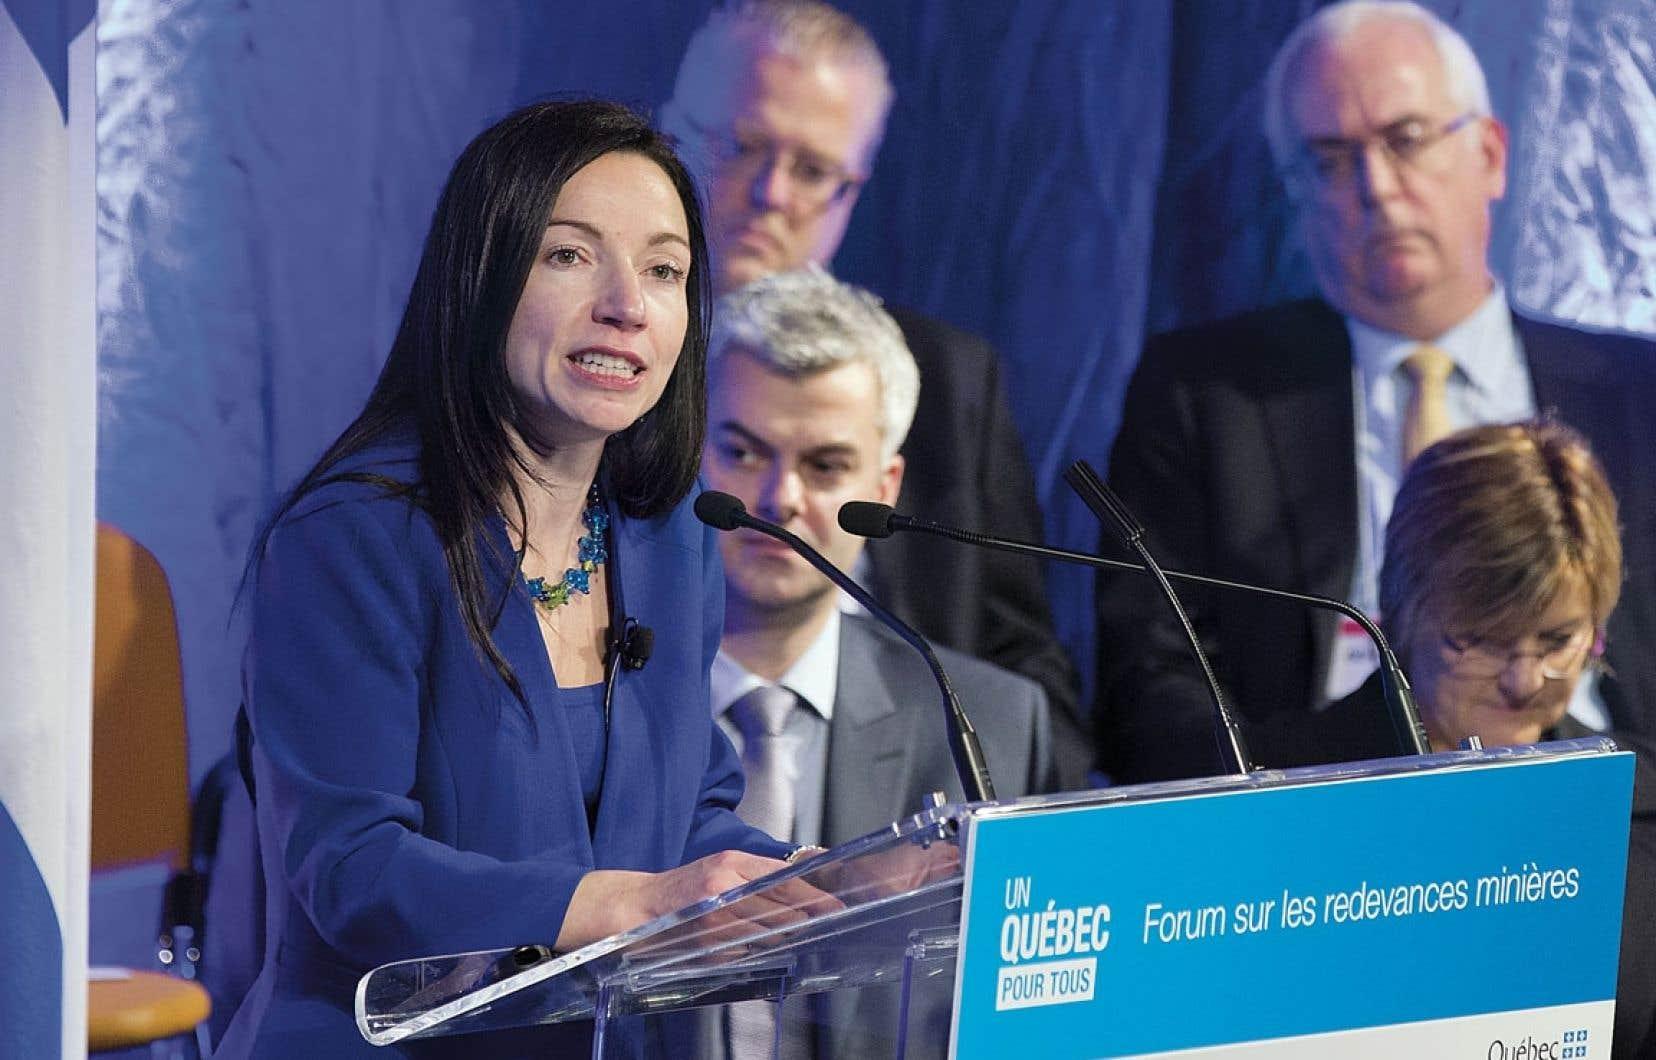 La ministre des Ressources naturelles, Martine Ouellet, savait très bien qu'un consensus serait impossible à obtenir à l'issue du Forum sur les redevances minières.